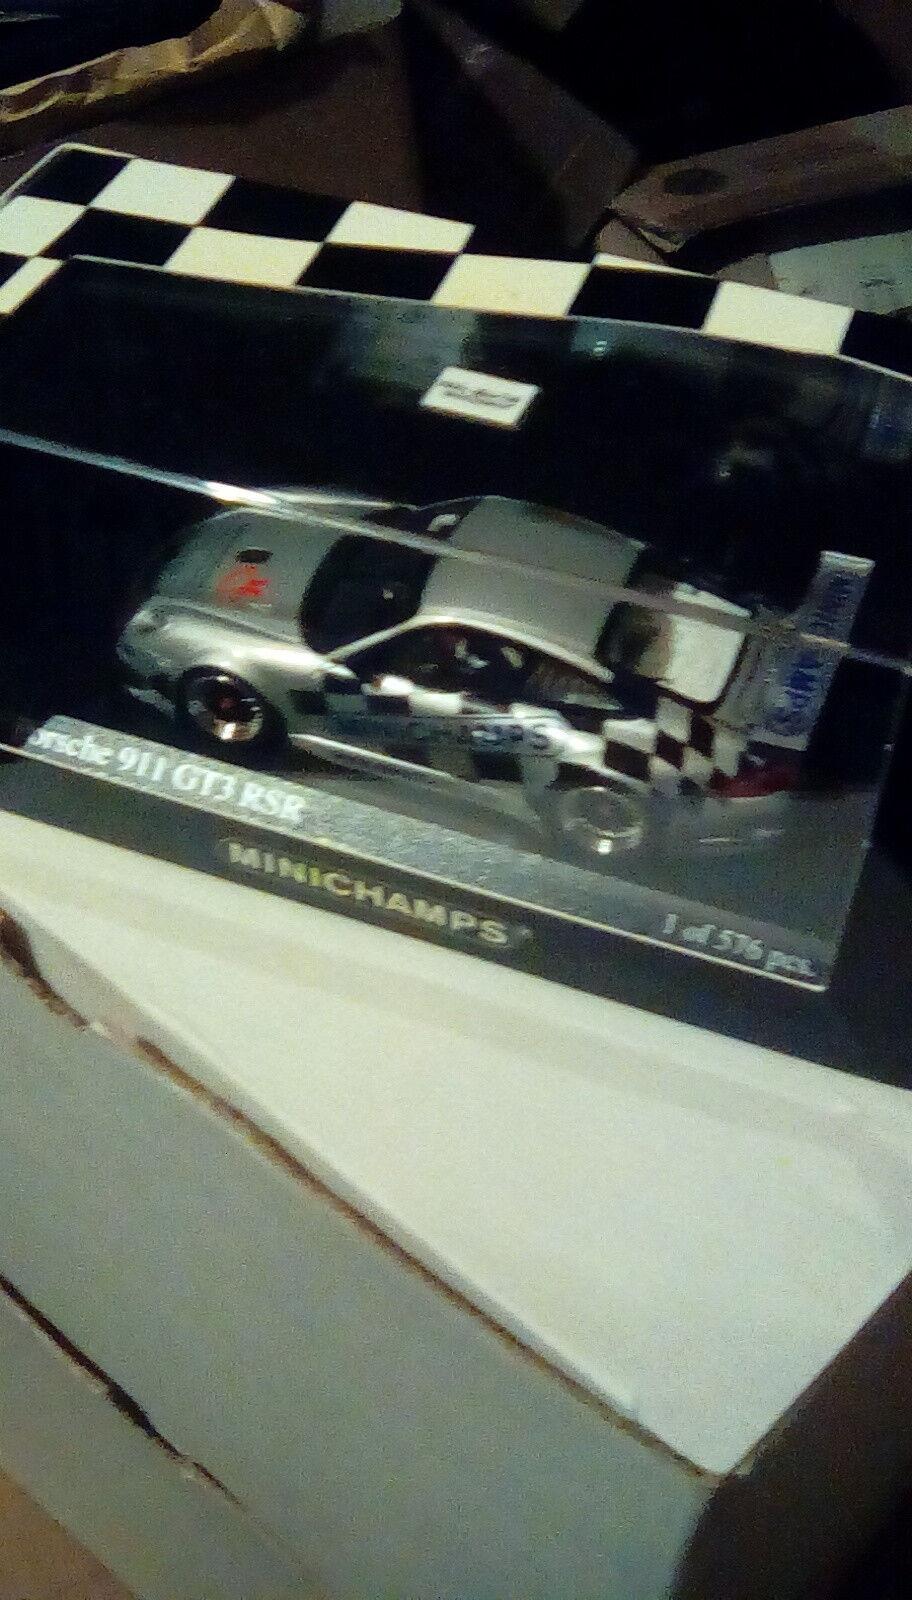 RARE MINICHAMPS PORSCHE 911 GT3RSR MESSEMODELL NUREMBURG TOYFAIR 1 43 1 576 2009